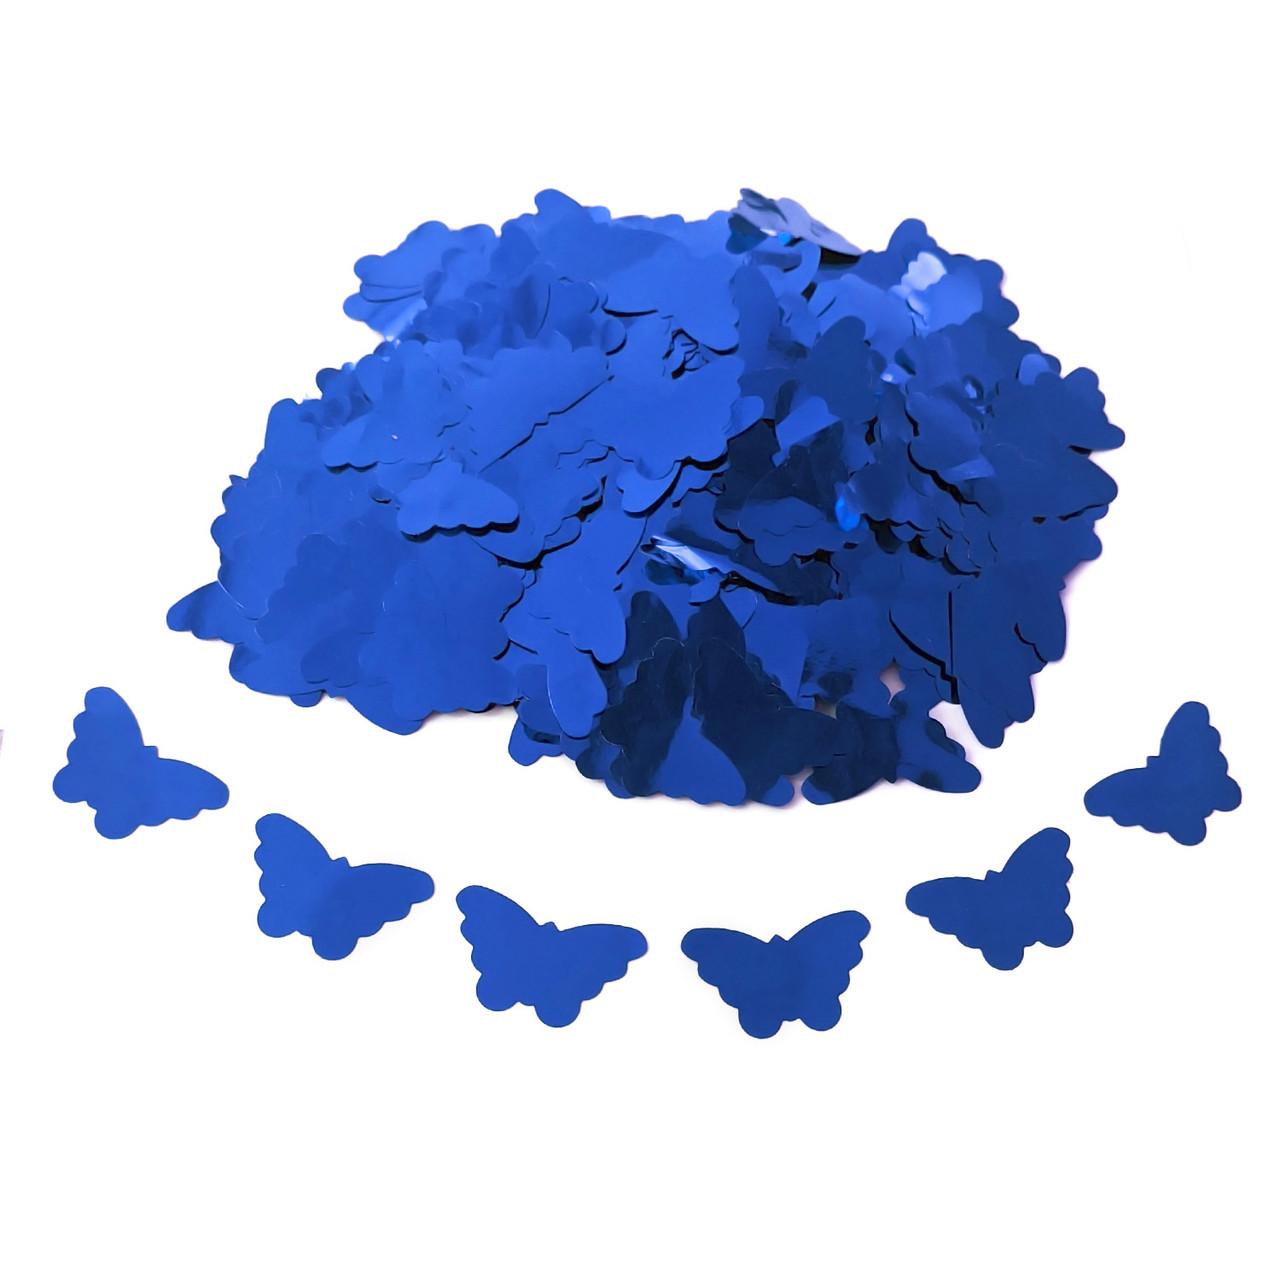 Конфетті Siverska метелики фольга синій 1000 г (BUBF1000)